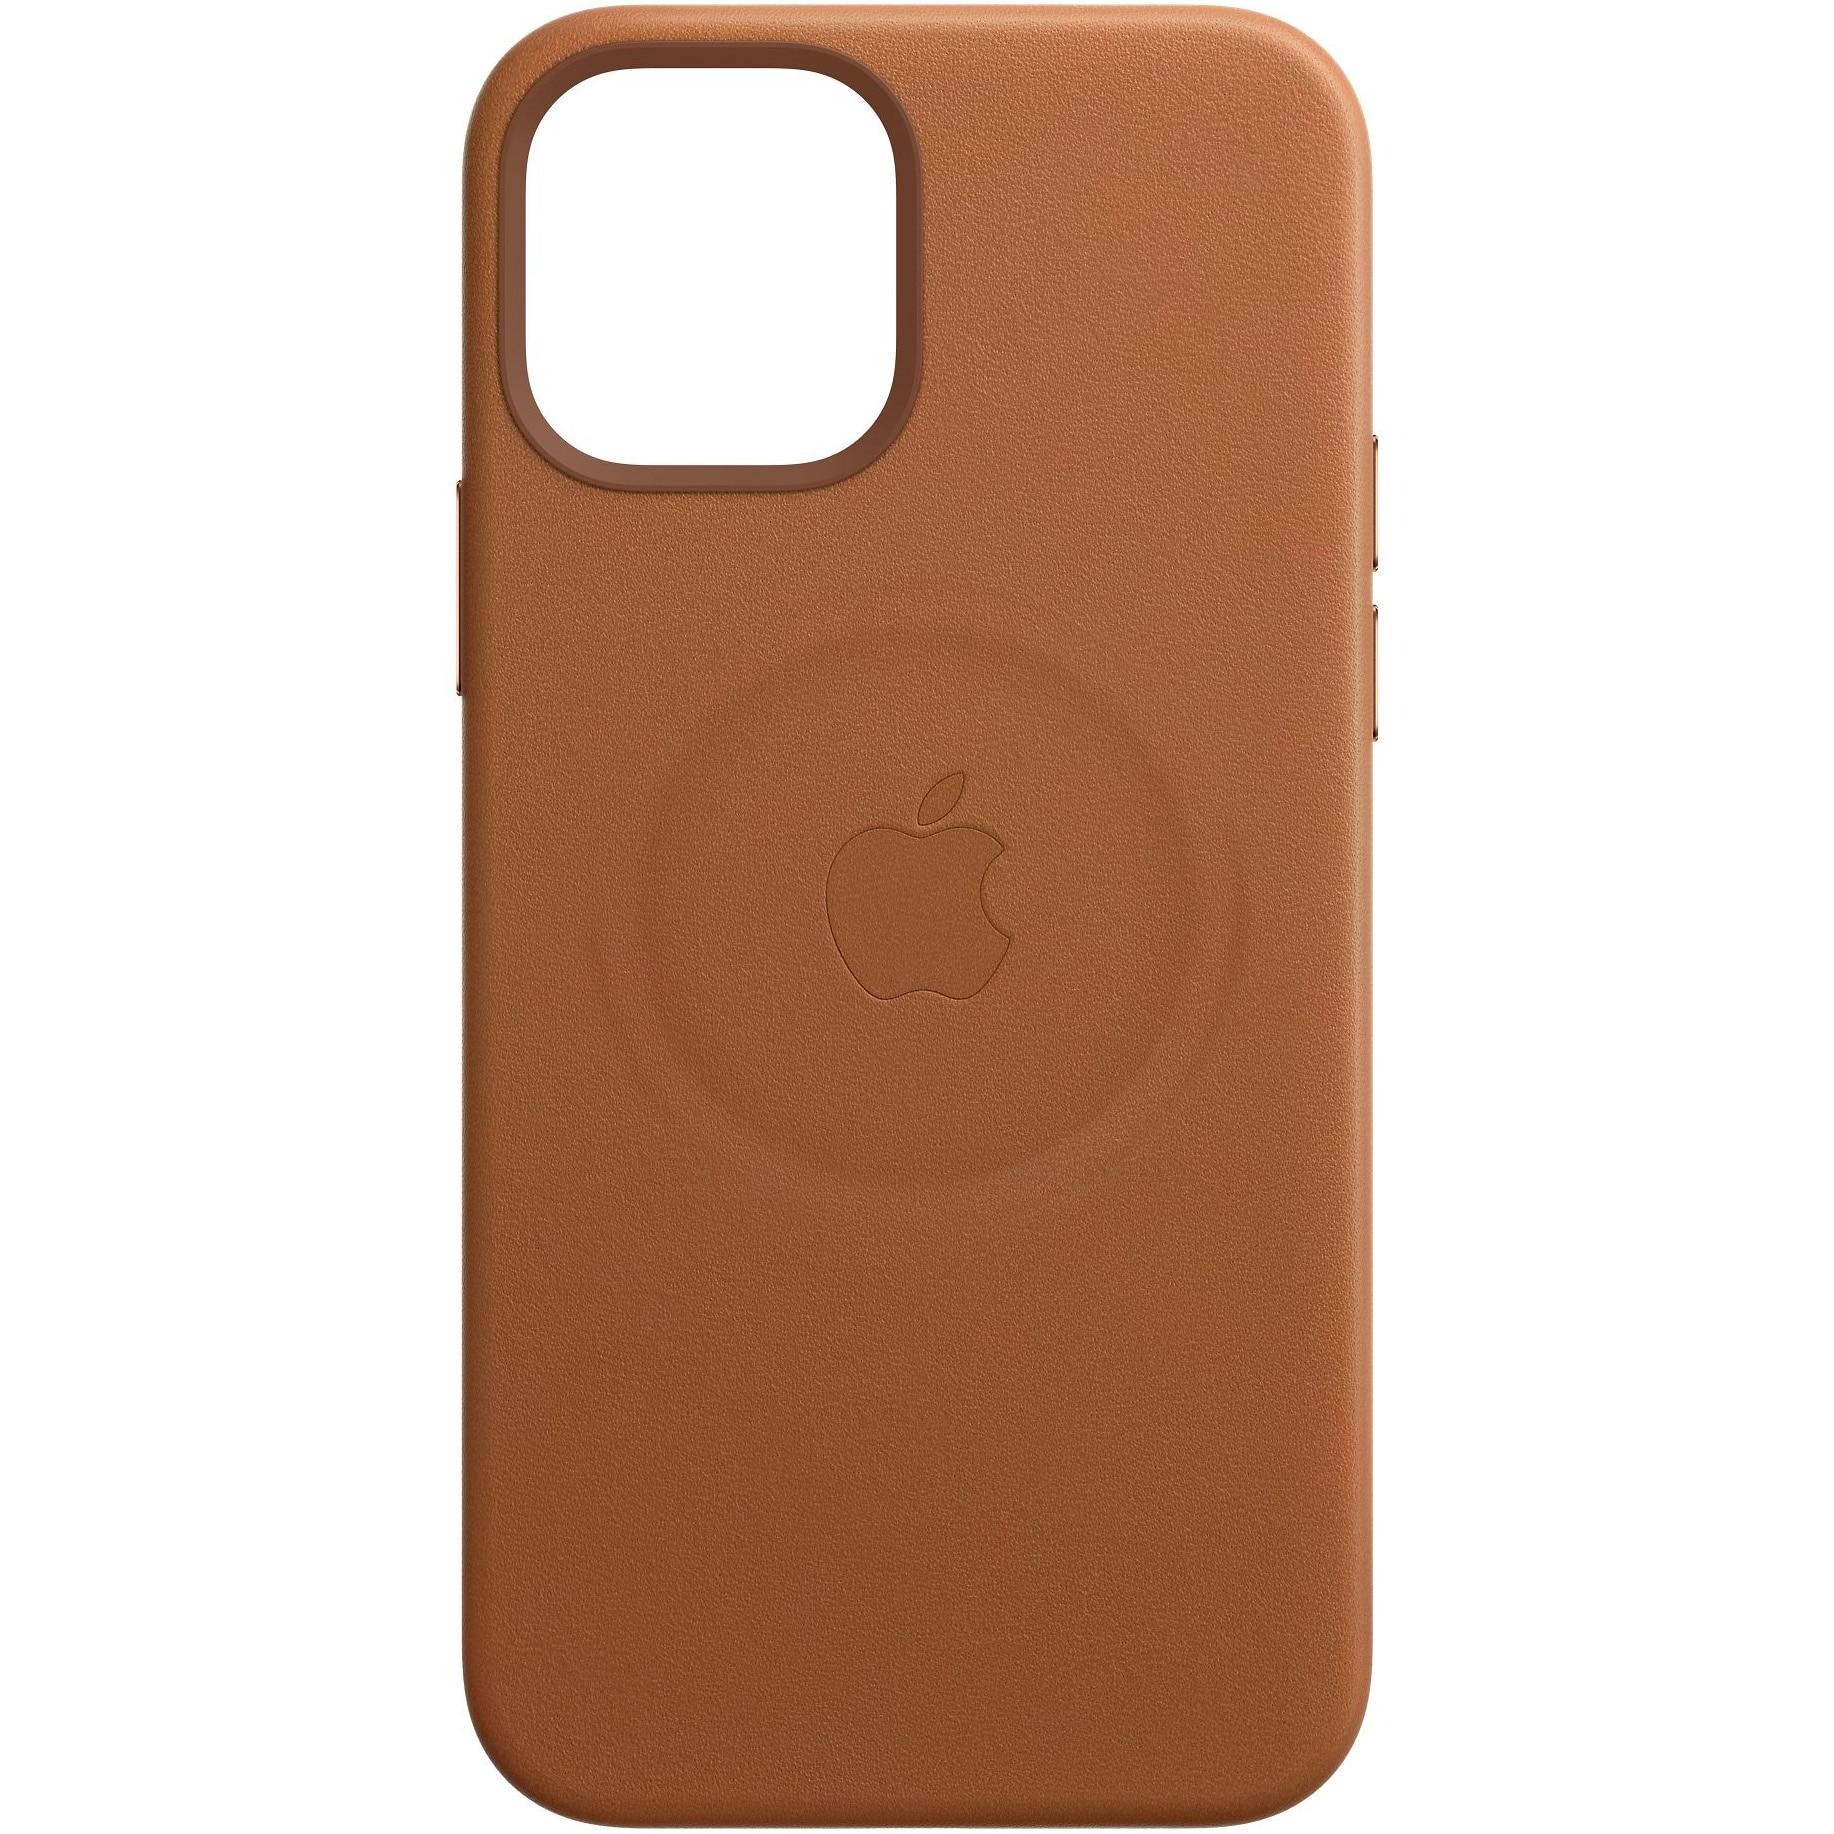 Fotografie Husa de protectie Apple Leather Case MagSafe pentru iPhone 12 Pro Max, Saddle Brown